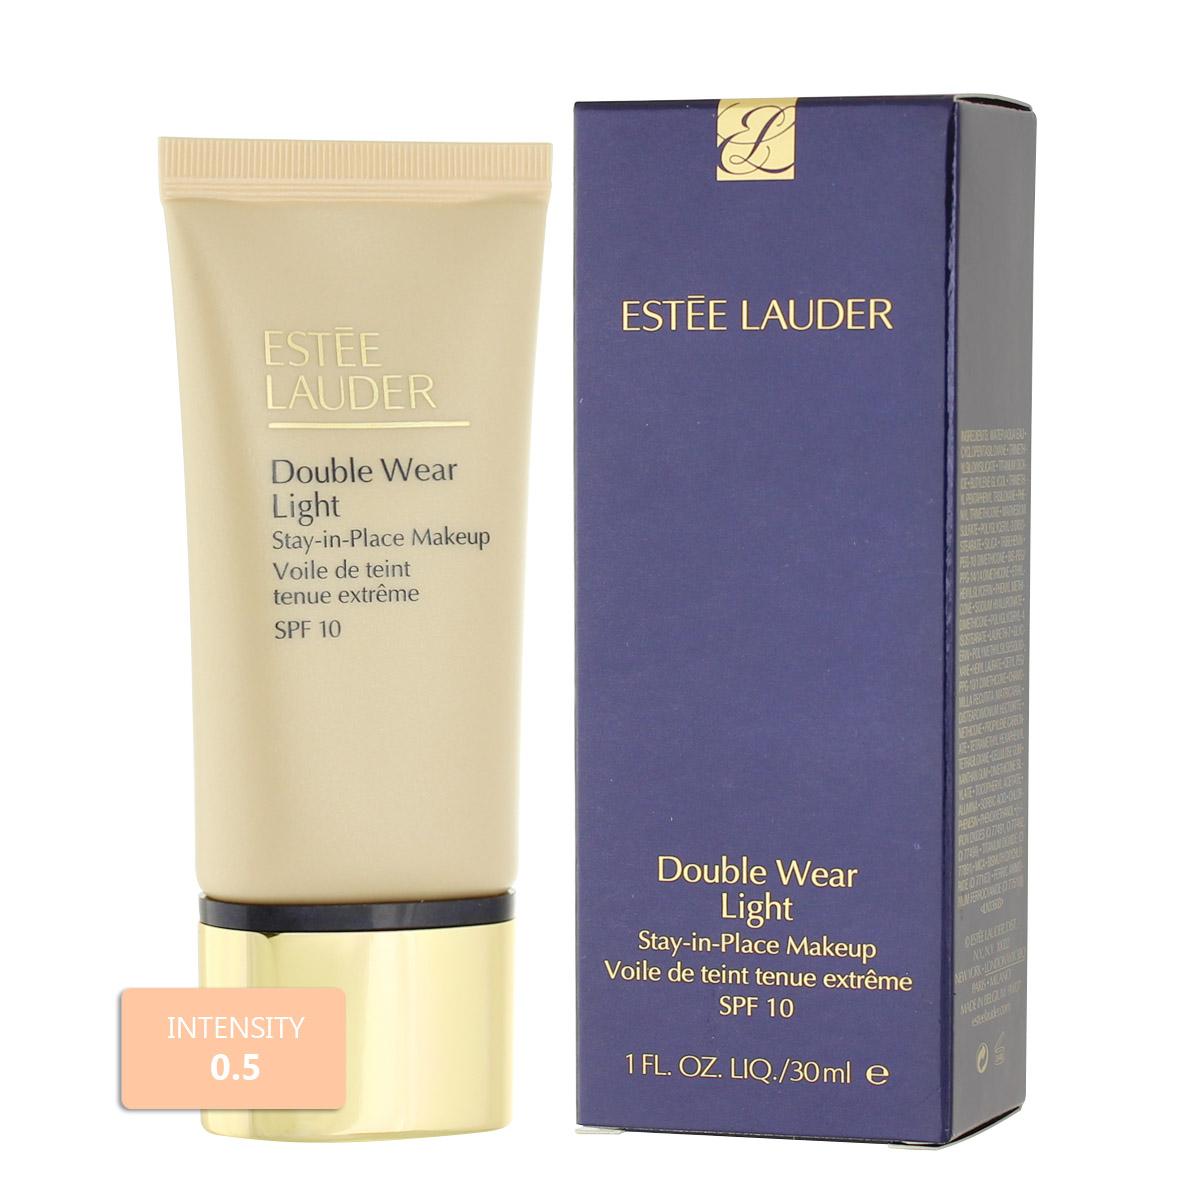 Estée Lauder Double Wear Light Stay-in-Place Makeup (INTENSITY 0.5) 30 ml